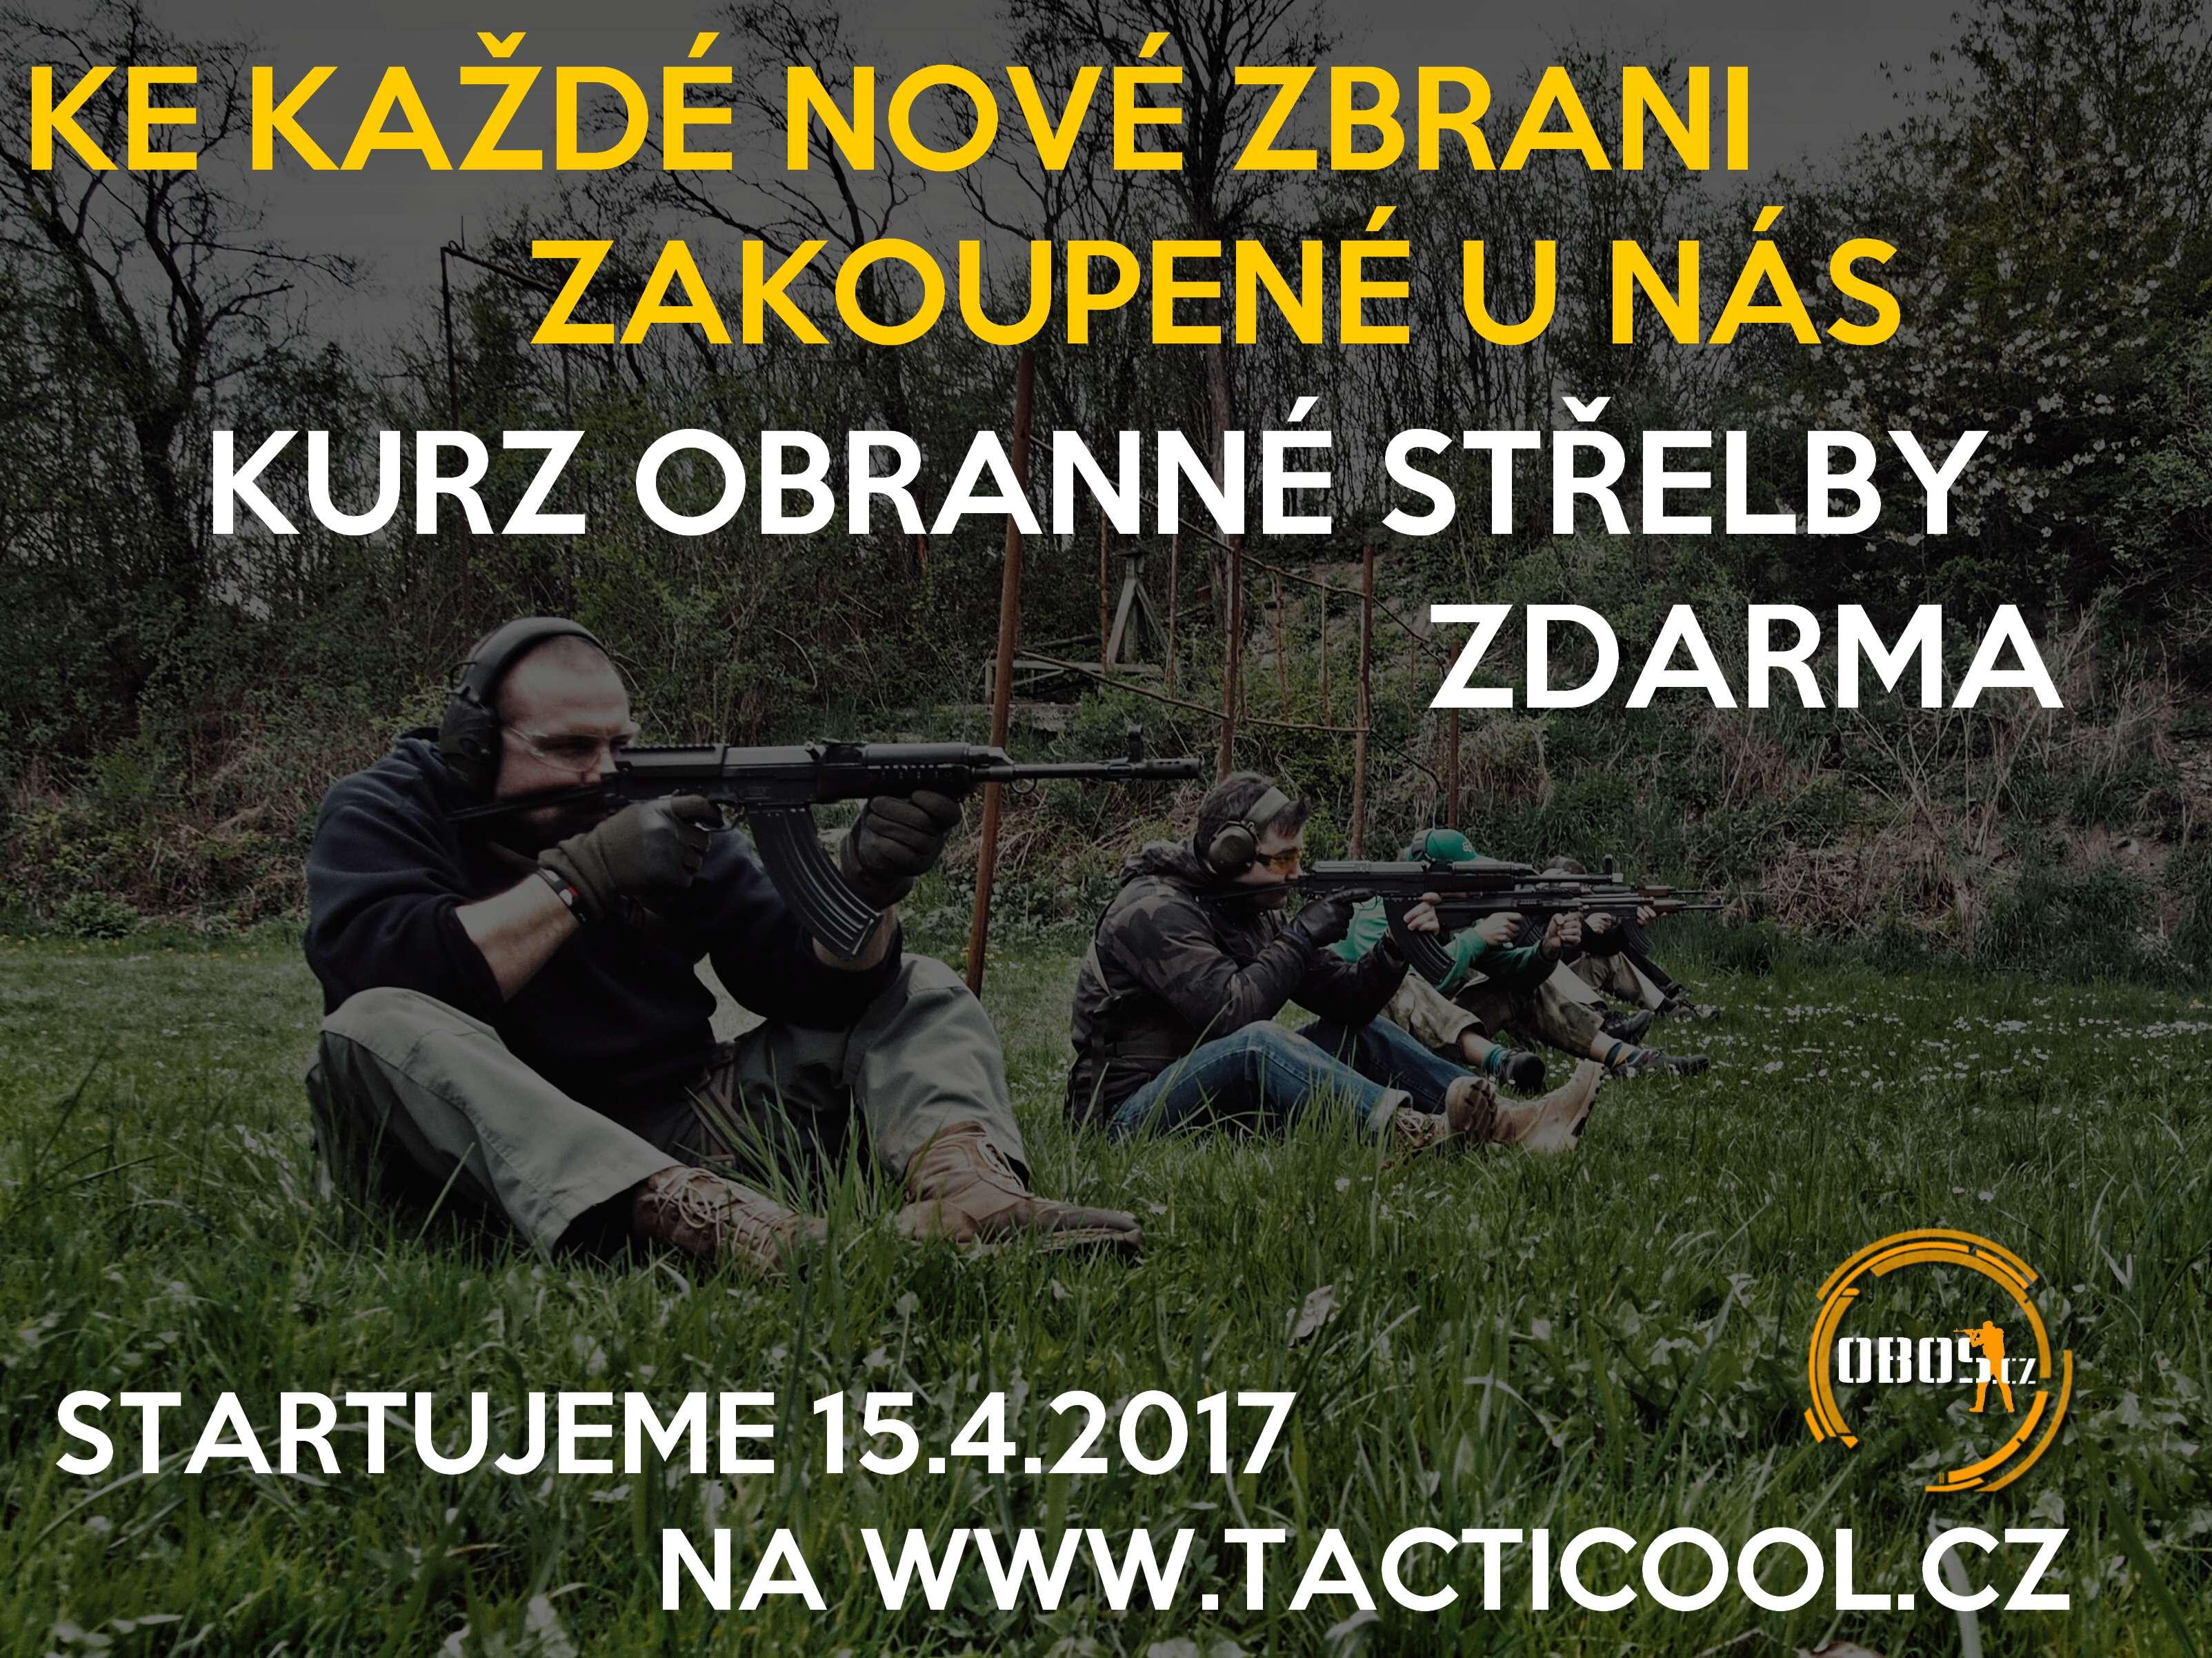 www.tacticool.cz